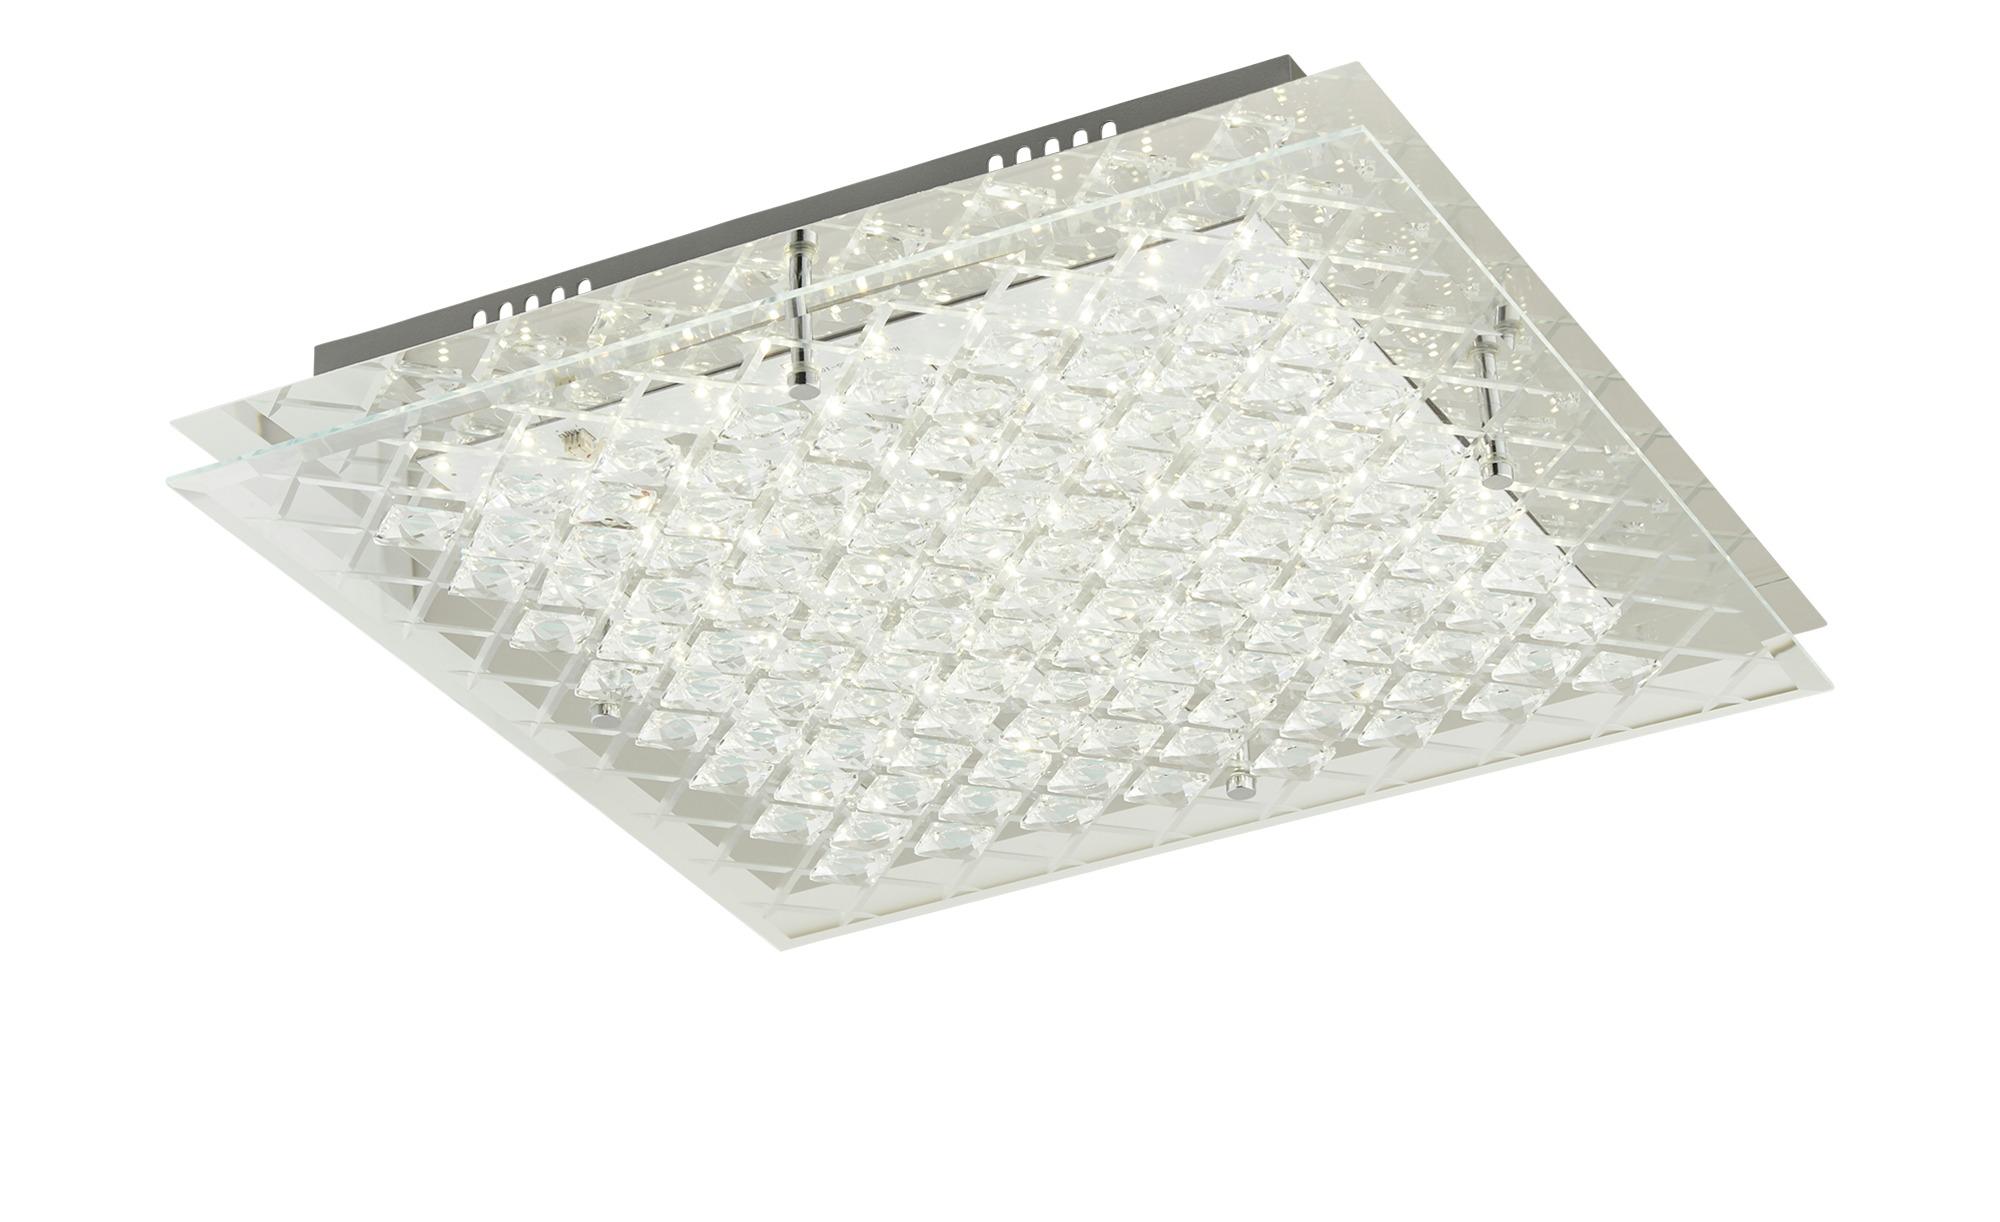 KHG LED-Deckenleuchte mit Glasverzierung ¦ silber ¦ Maße (cm): B: 43 H: 8 Lampen & Leuchten > Innenleuchten > Deckenleuchten - Höffner